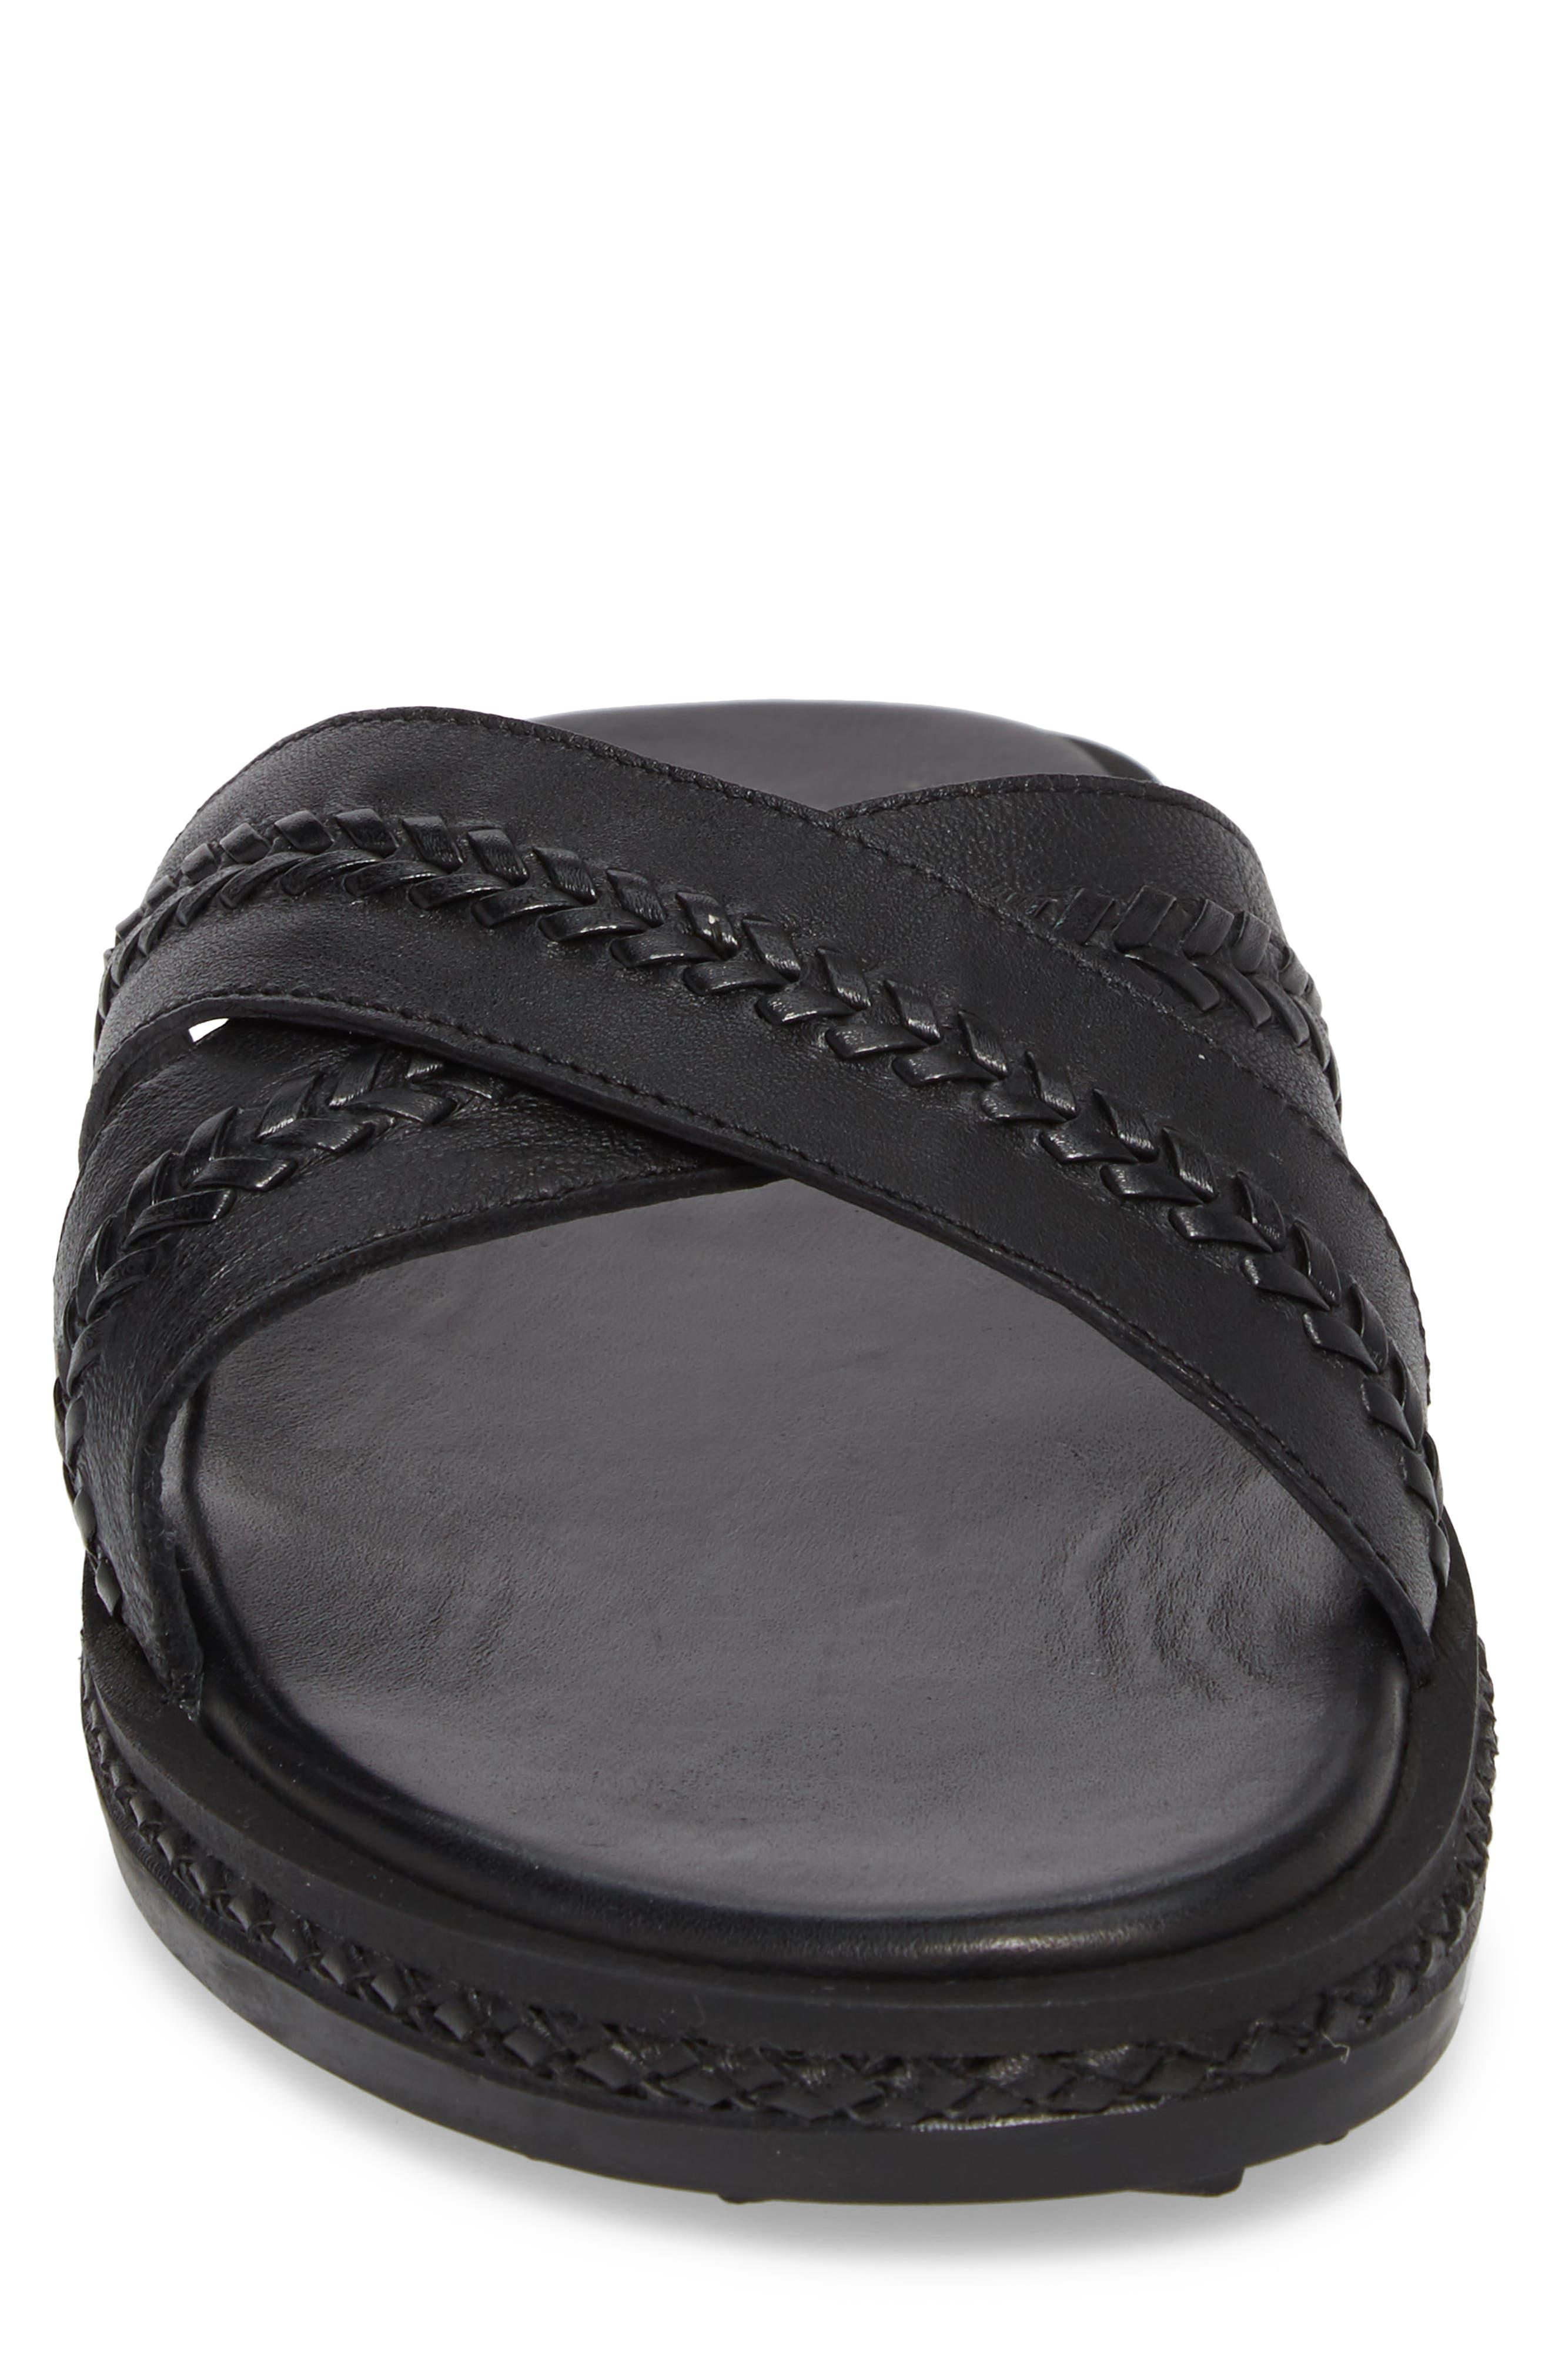 Woven Cross Strap Slide Sandal,                             Alternate thumbnail 4, color,                             001